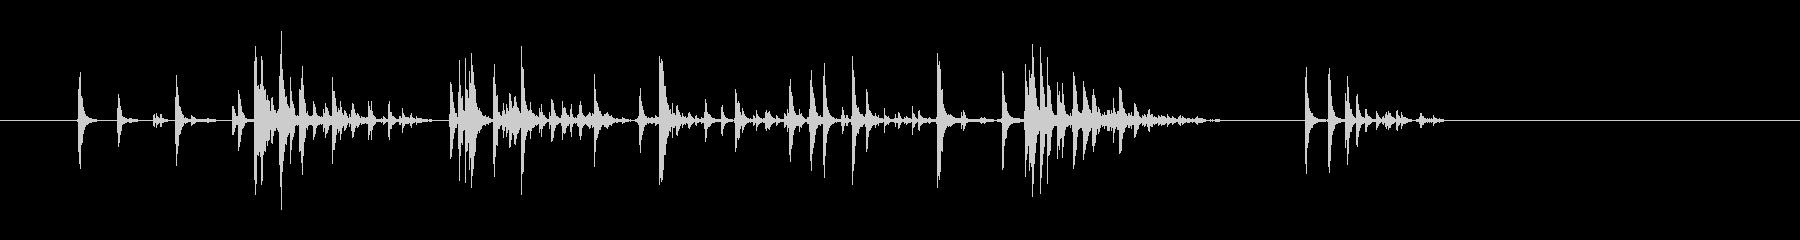 弾丸ドロップオンメタル、武器0_0...の未再生の波形